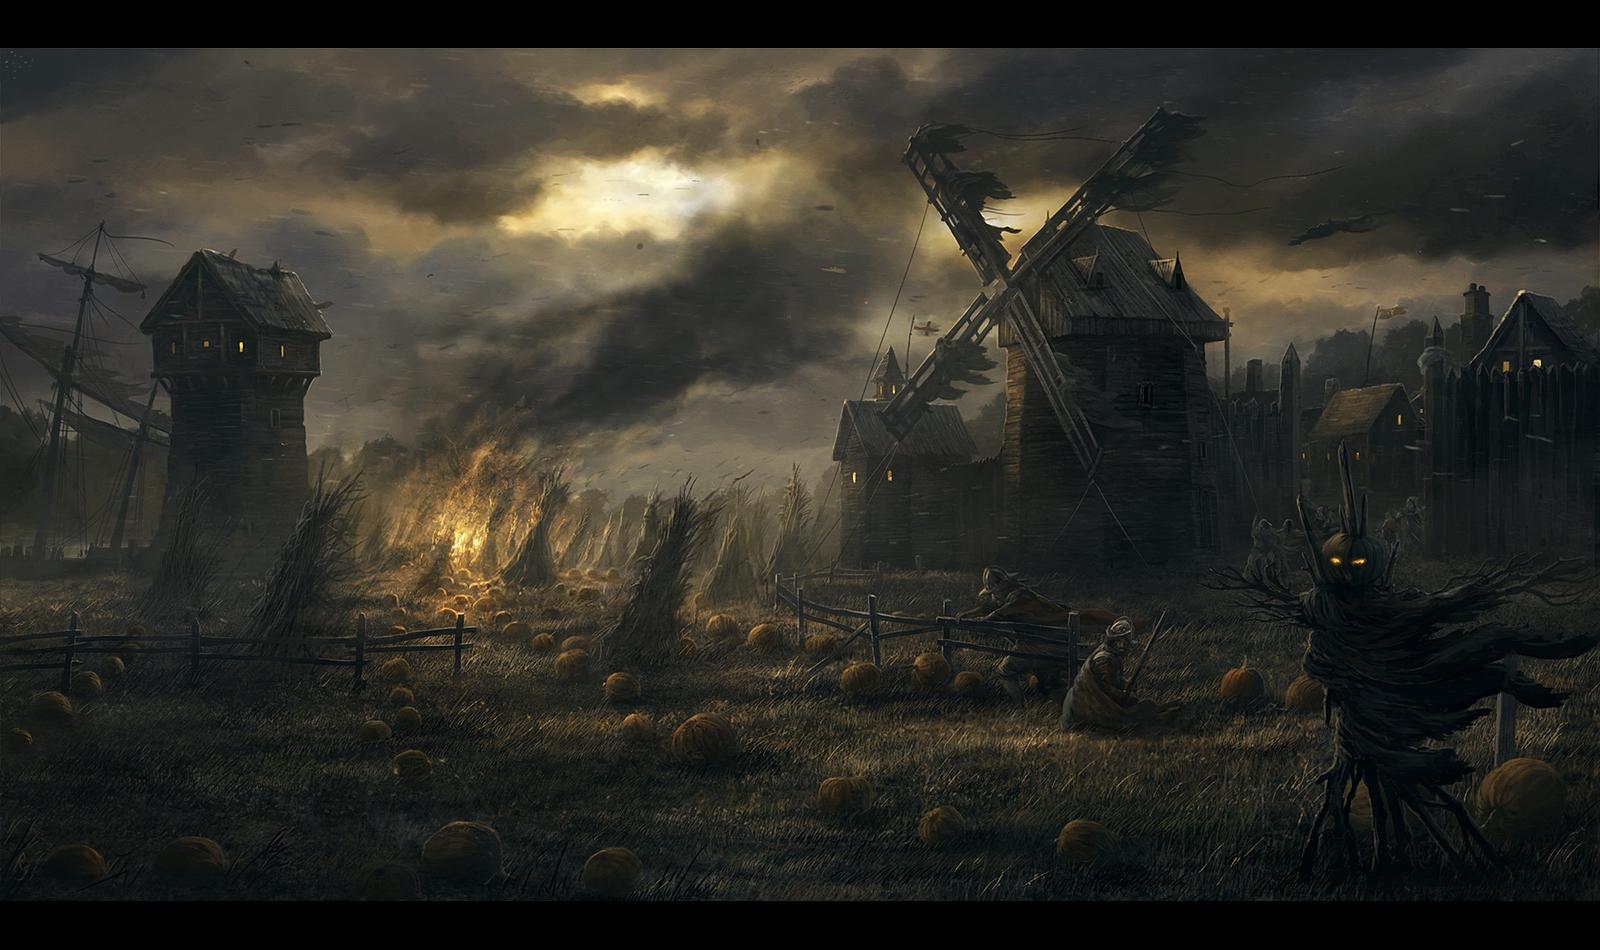 The Storm by RadoJavor 1600x950